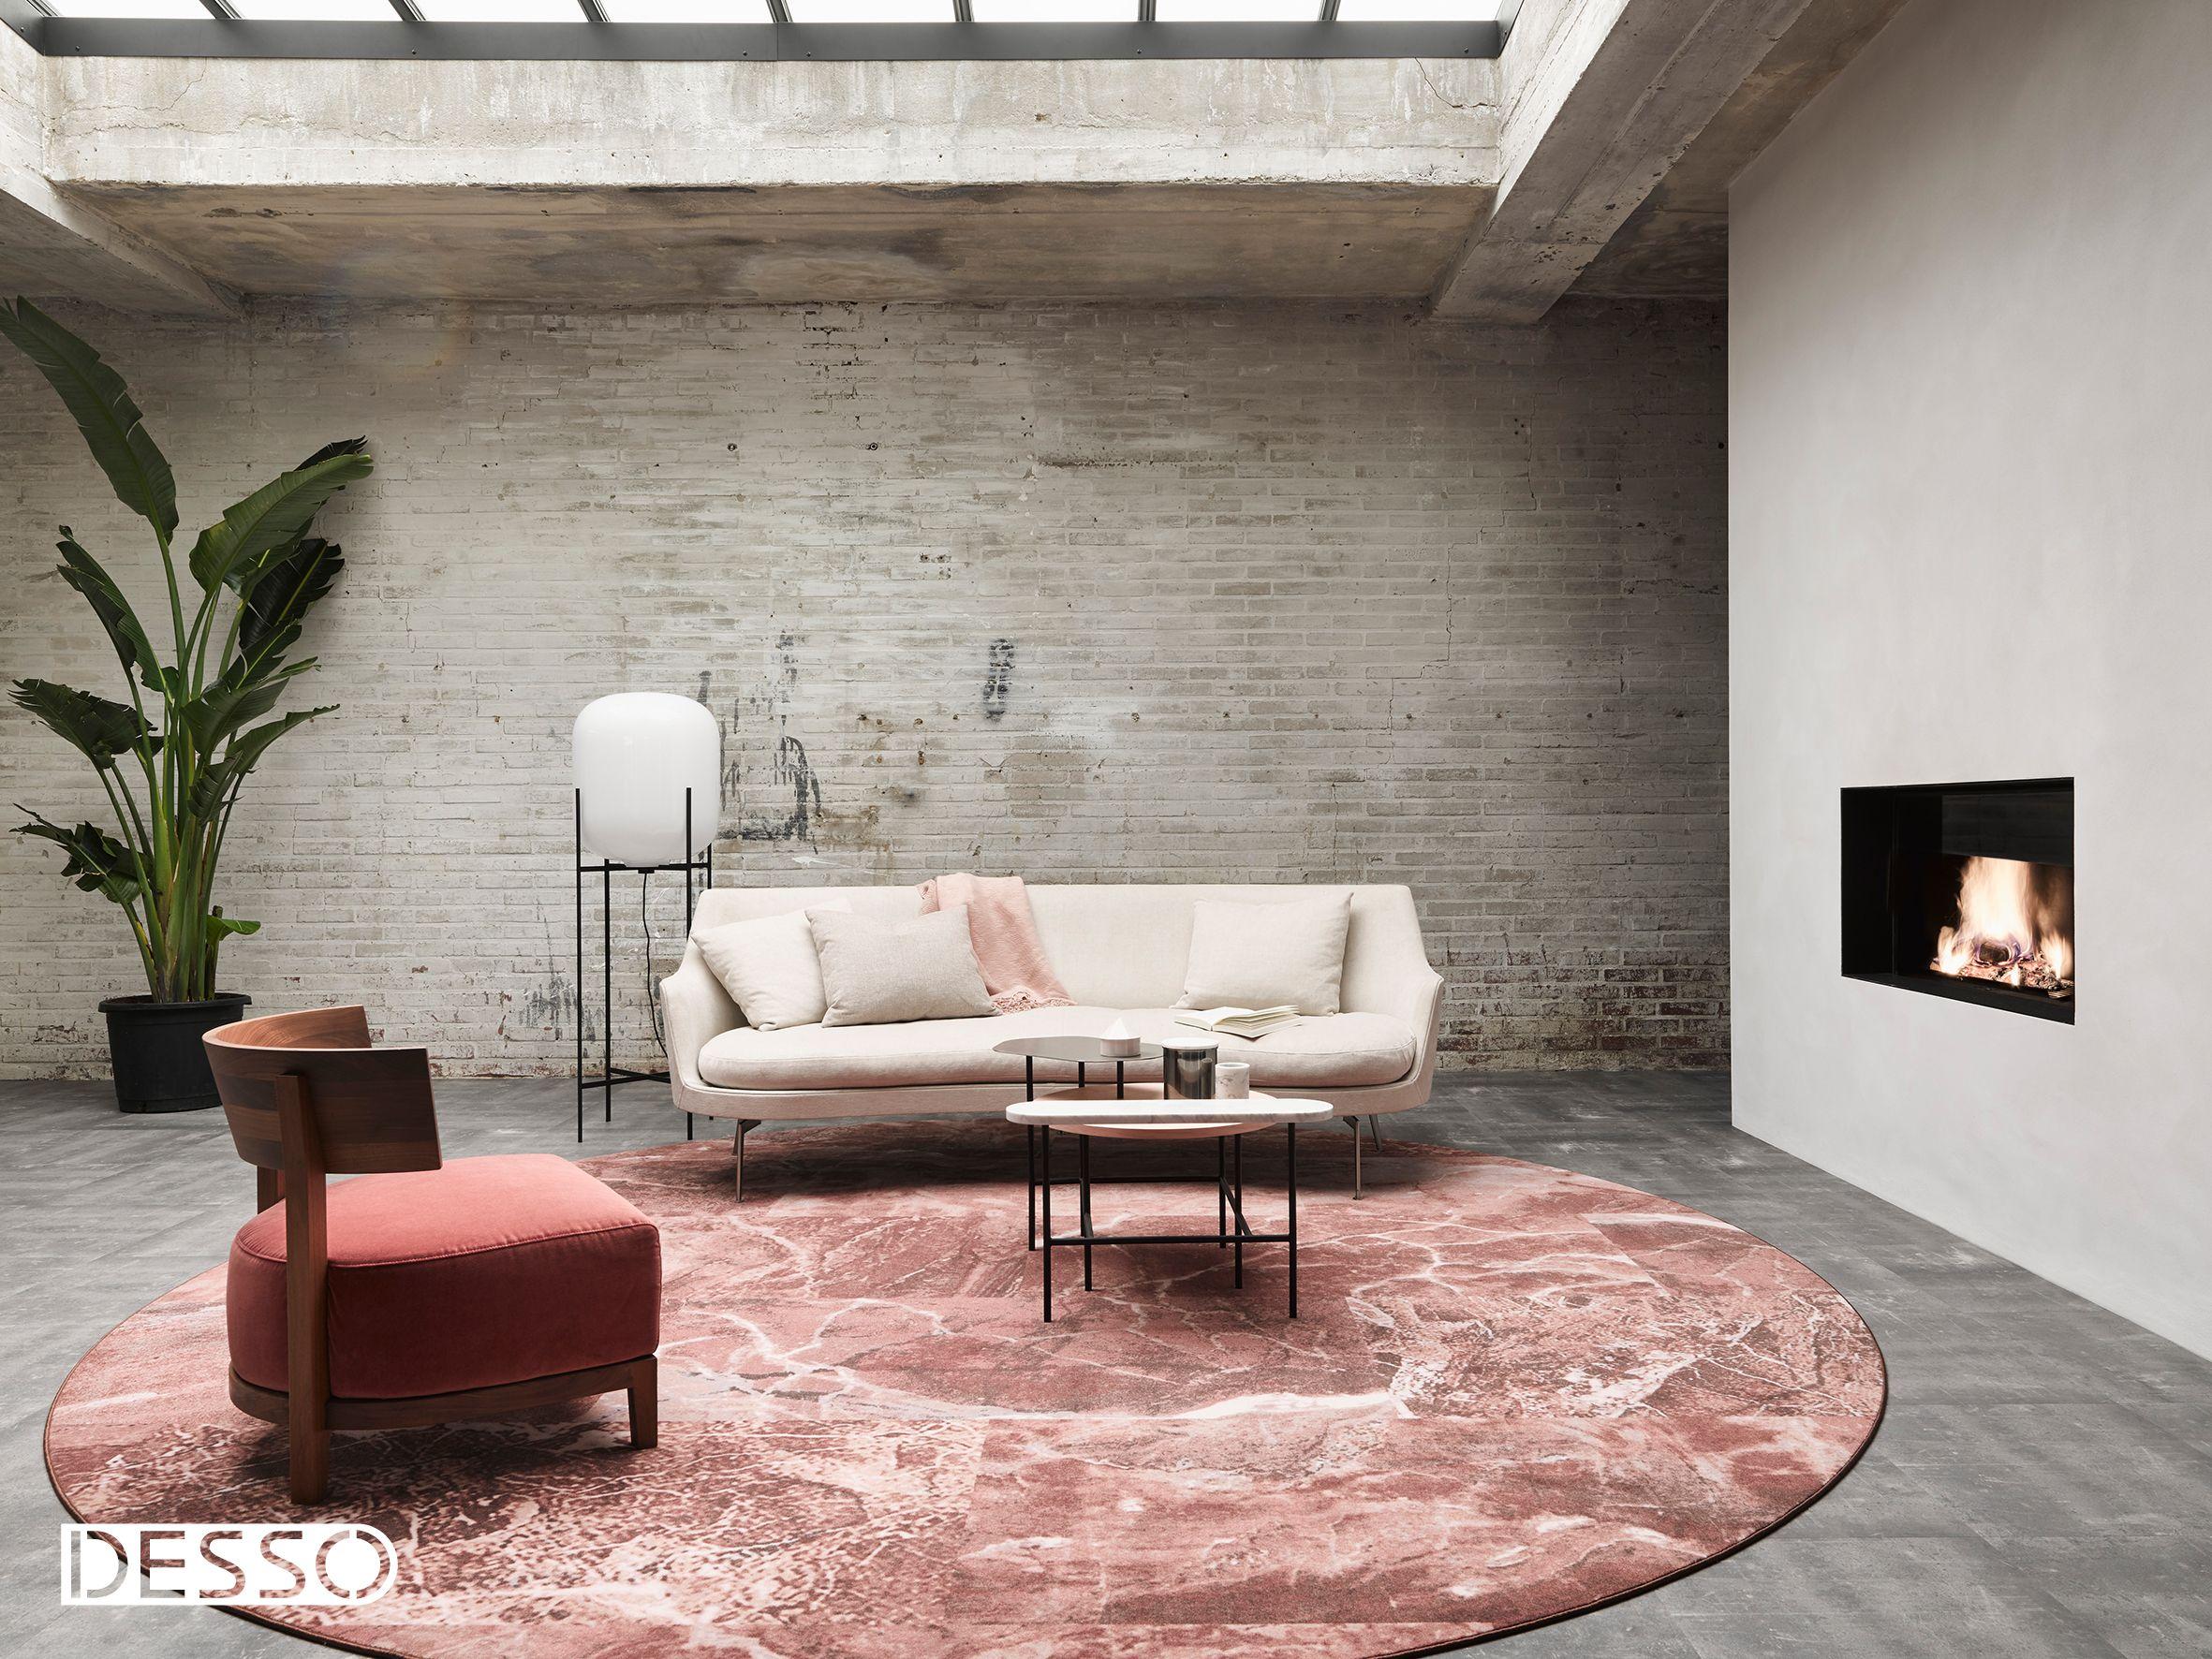 Desso sense of marble het nieuwste tapijt van desso met een marmer